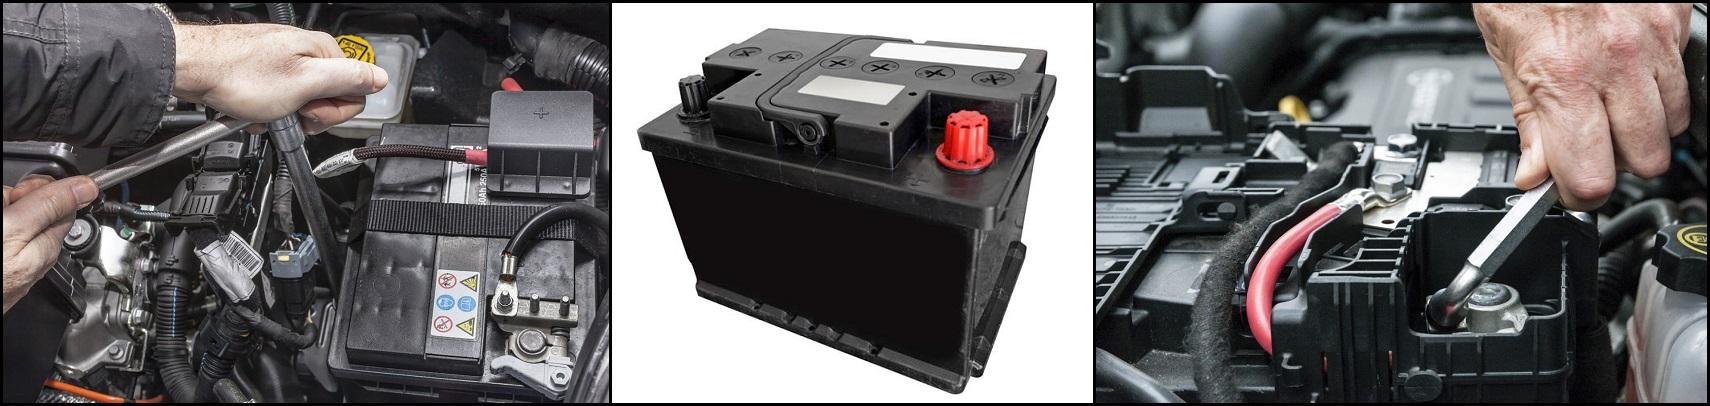 BESTHOL naprawa akumulatorów warszawa akumulatory warszawa